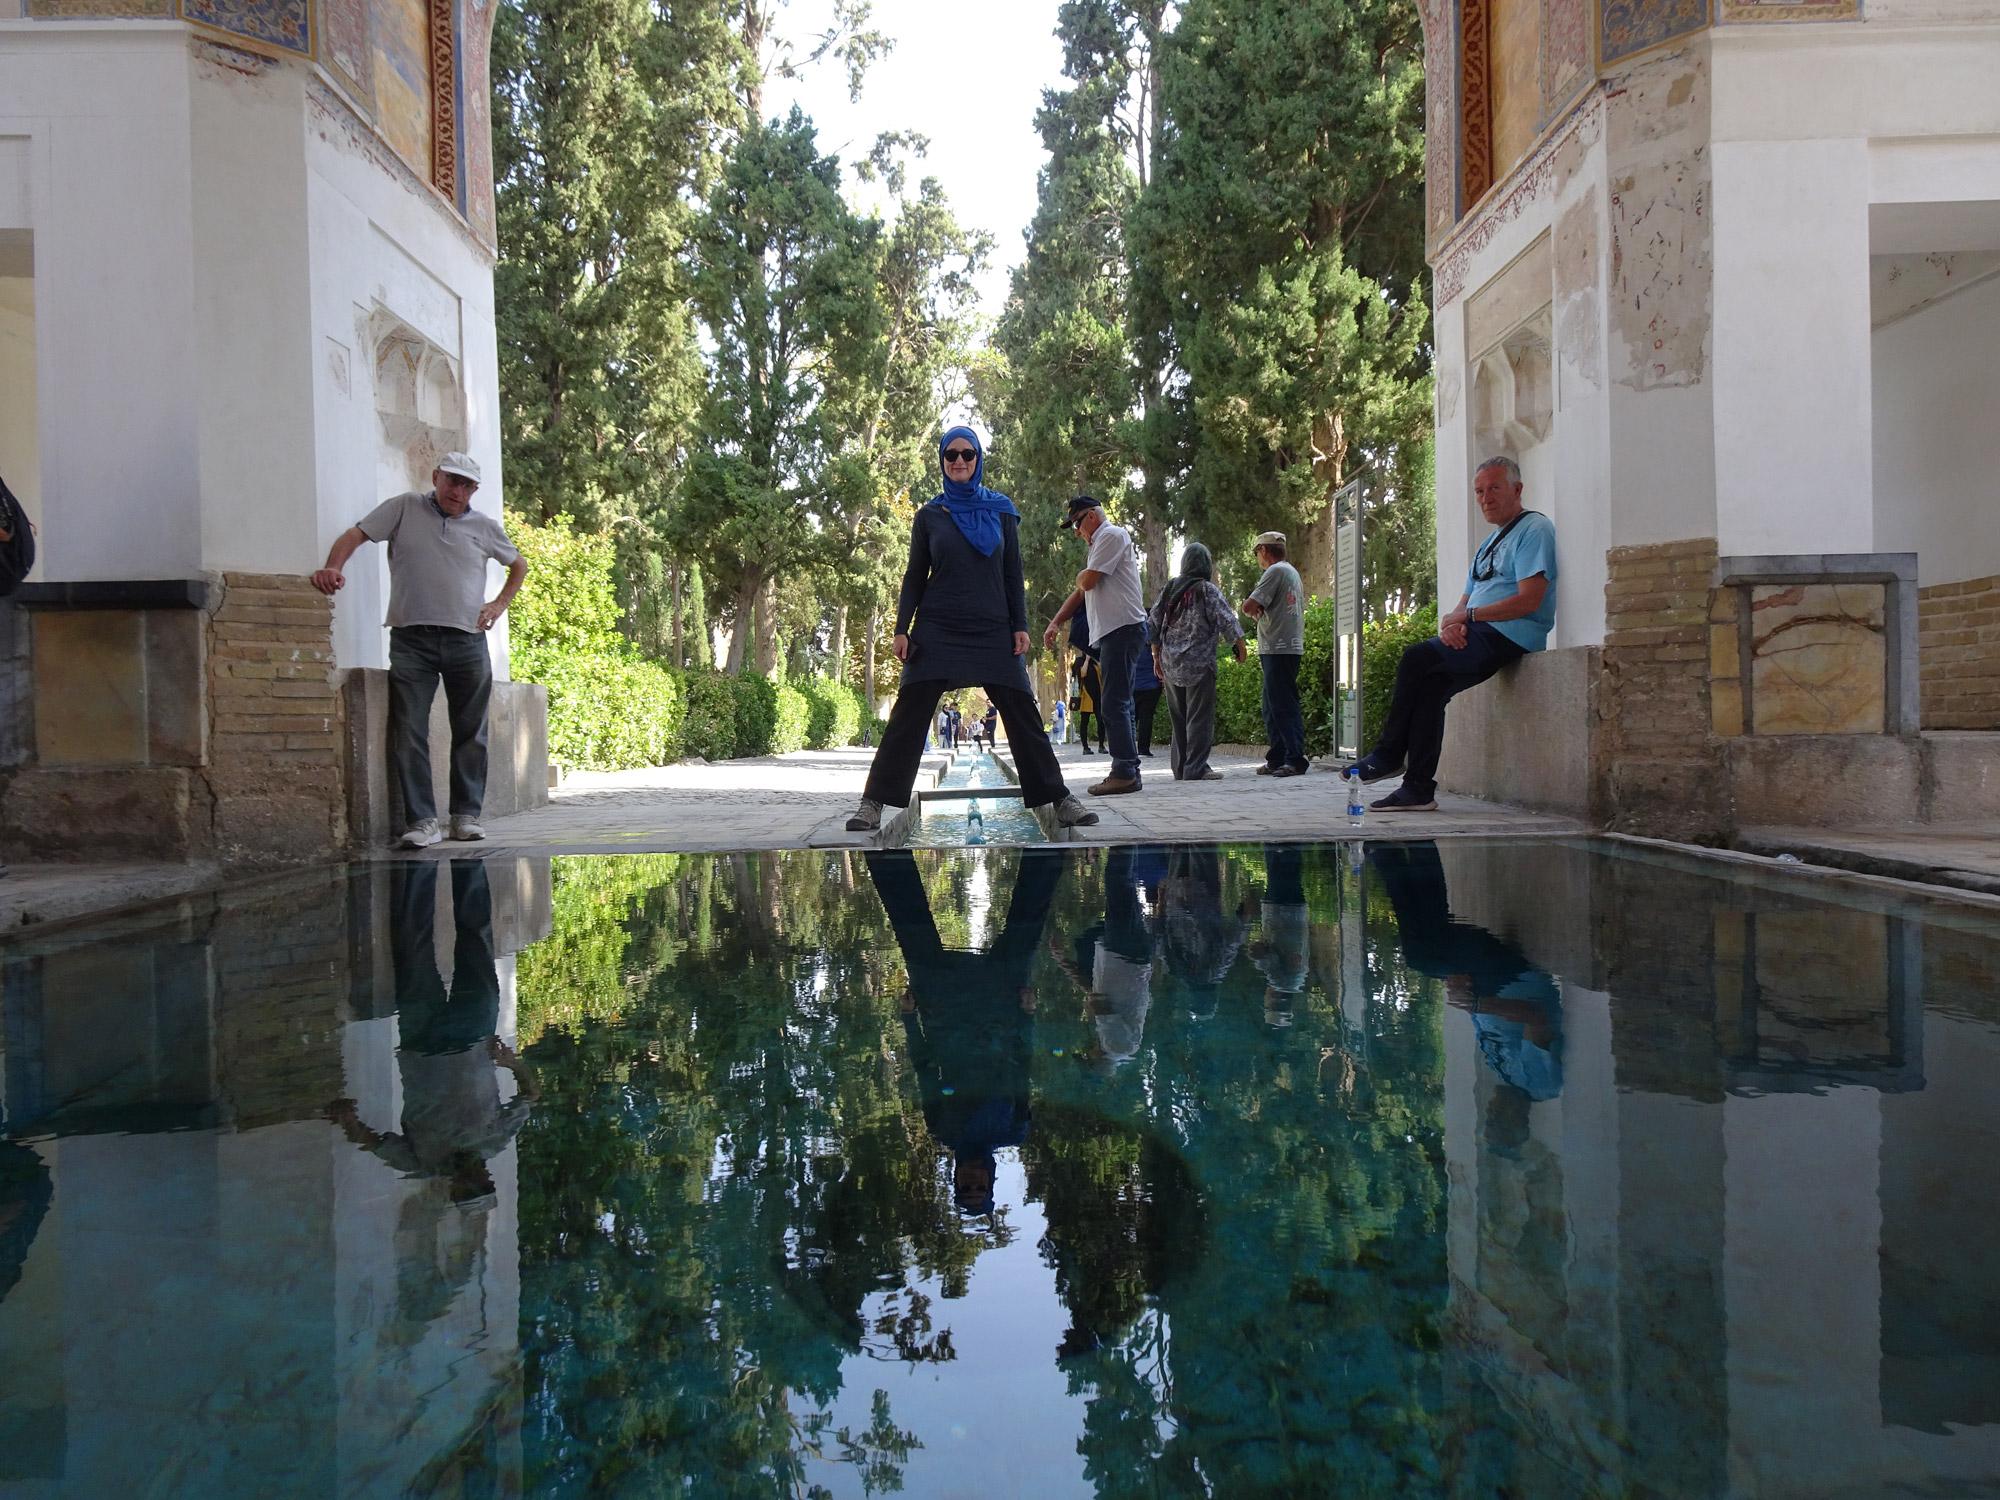 Anika - Iran - Fin Garden in Kashan